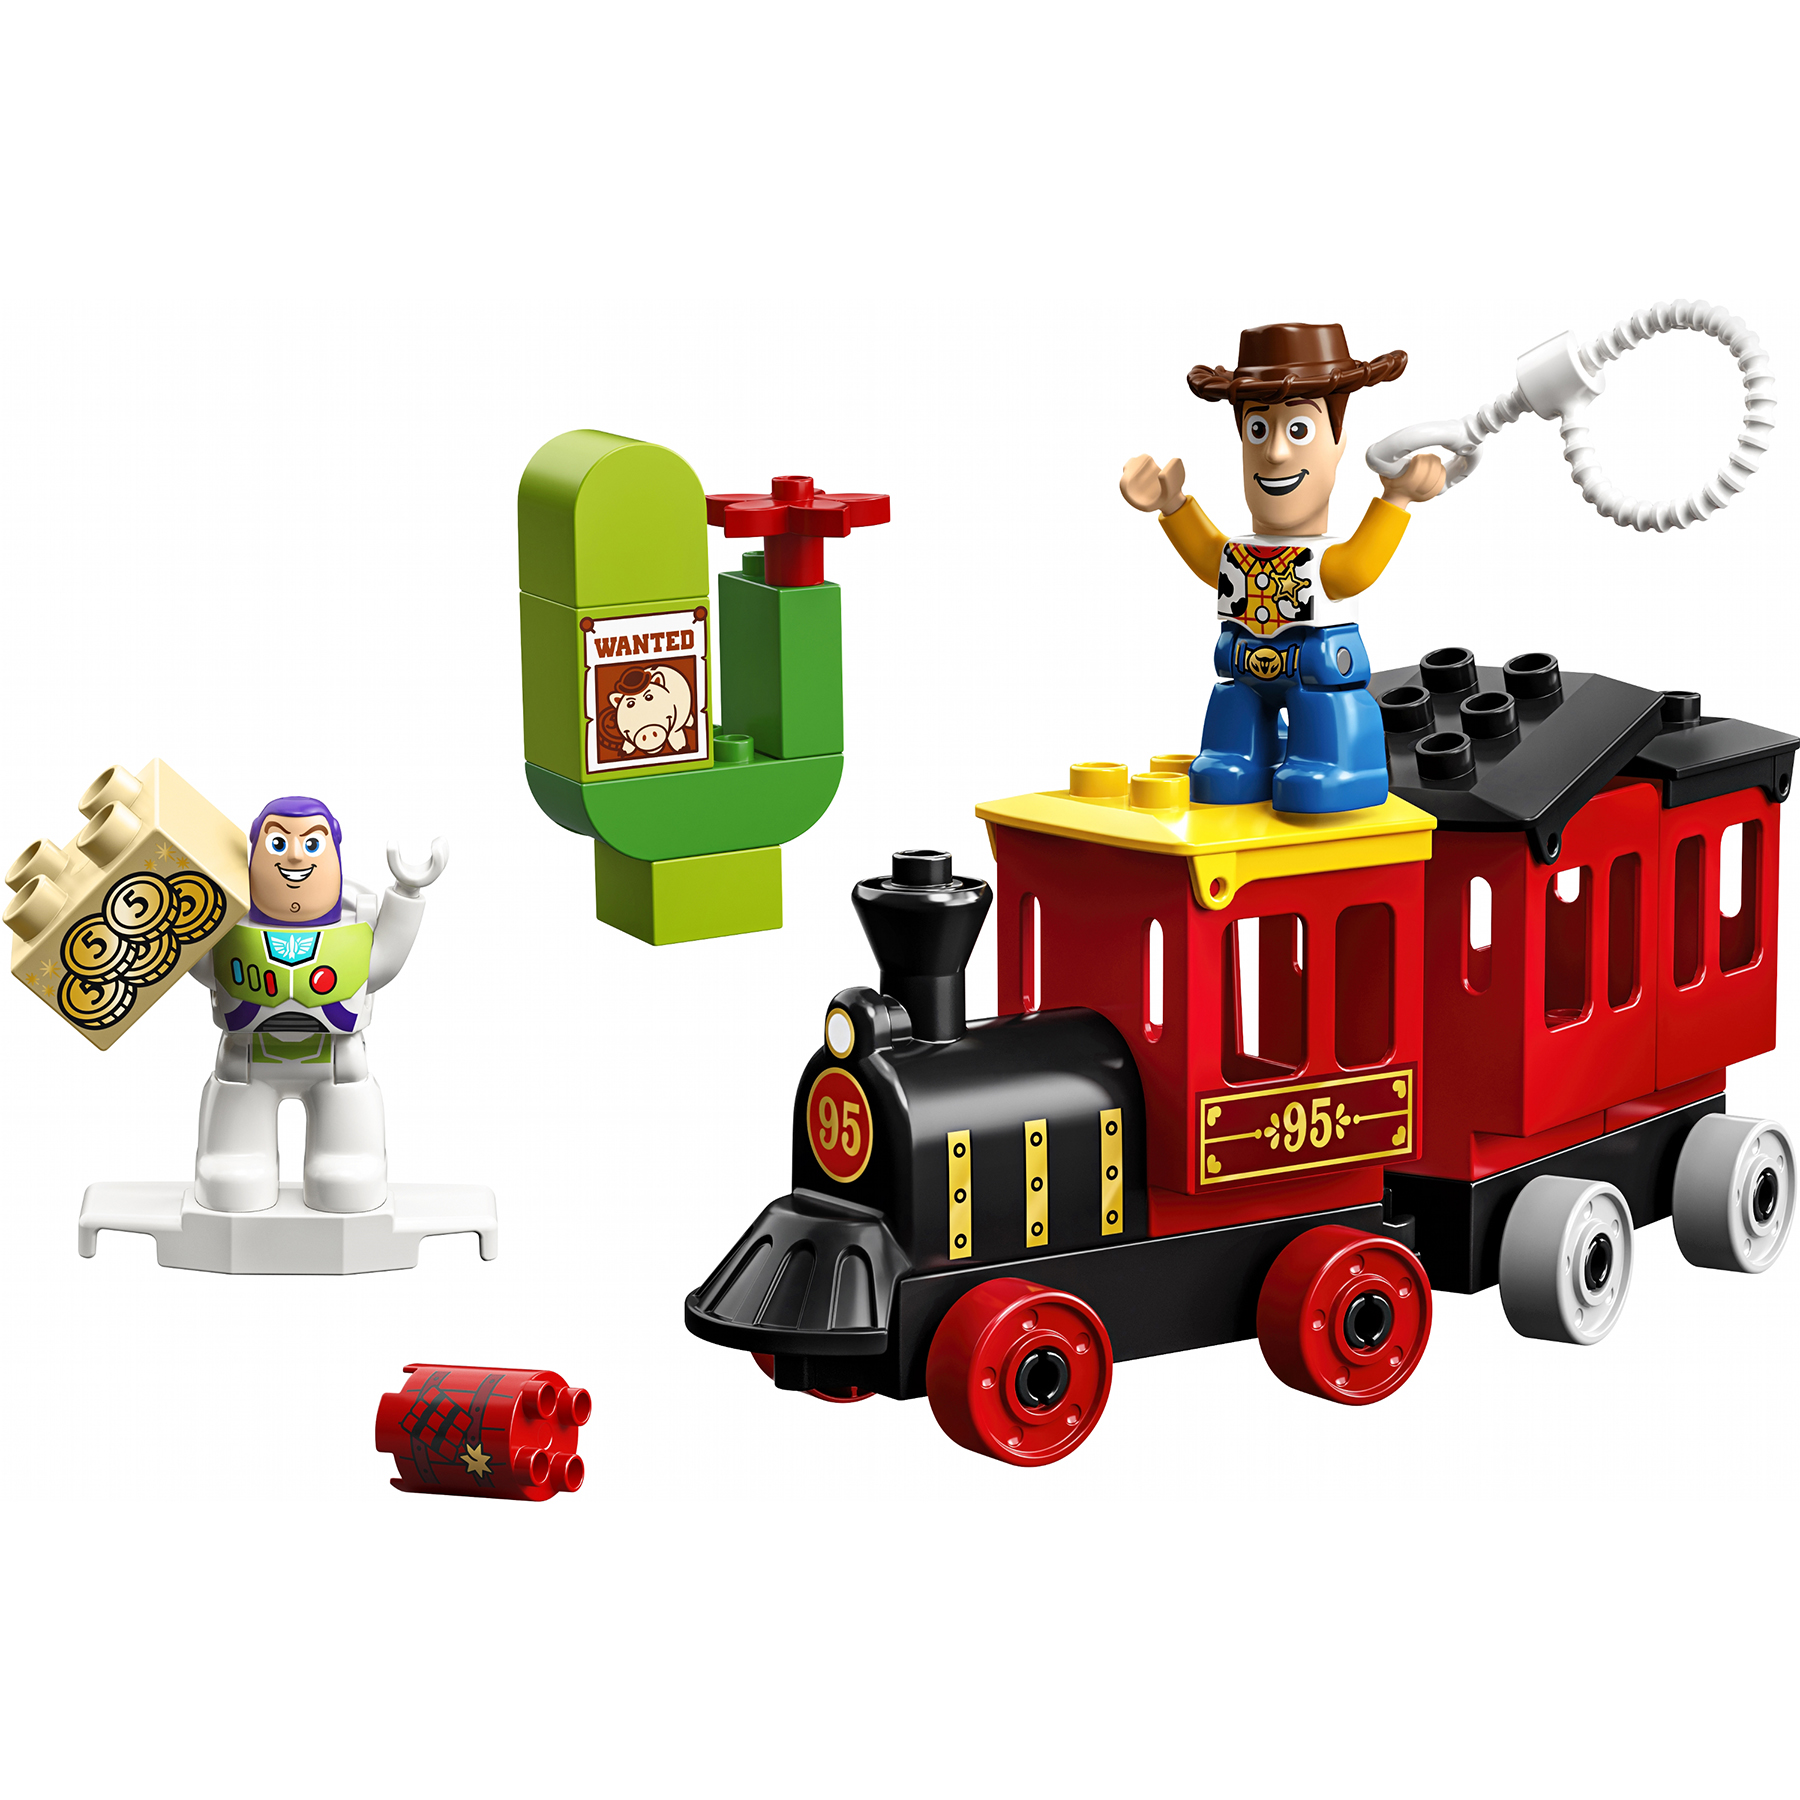 Купить Конструктор Lego Duplo Toy Story Поезд 10894, пластик, универсальный, Конструкторы, пазлы